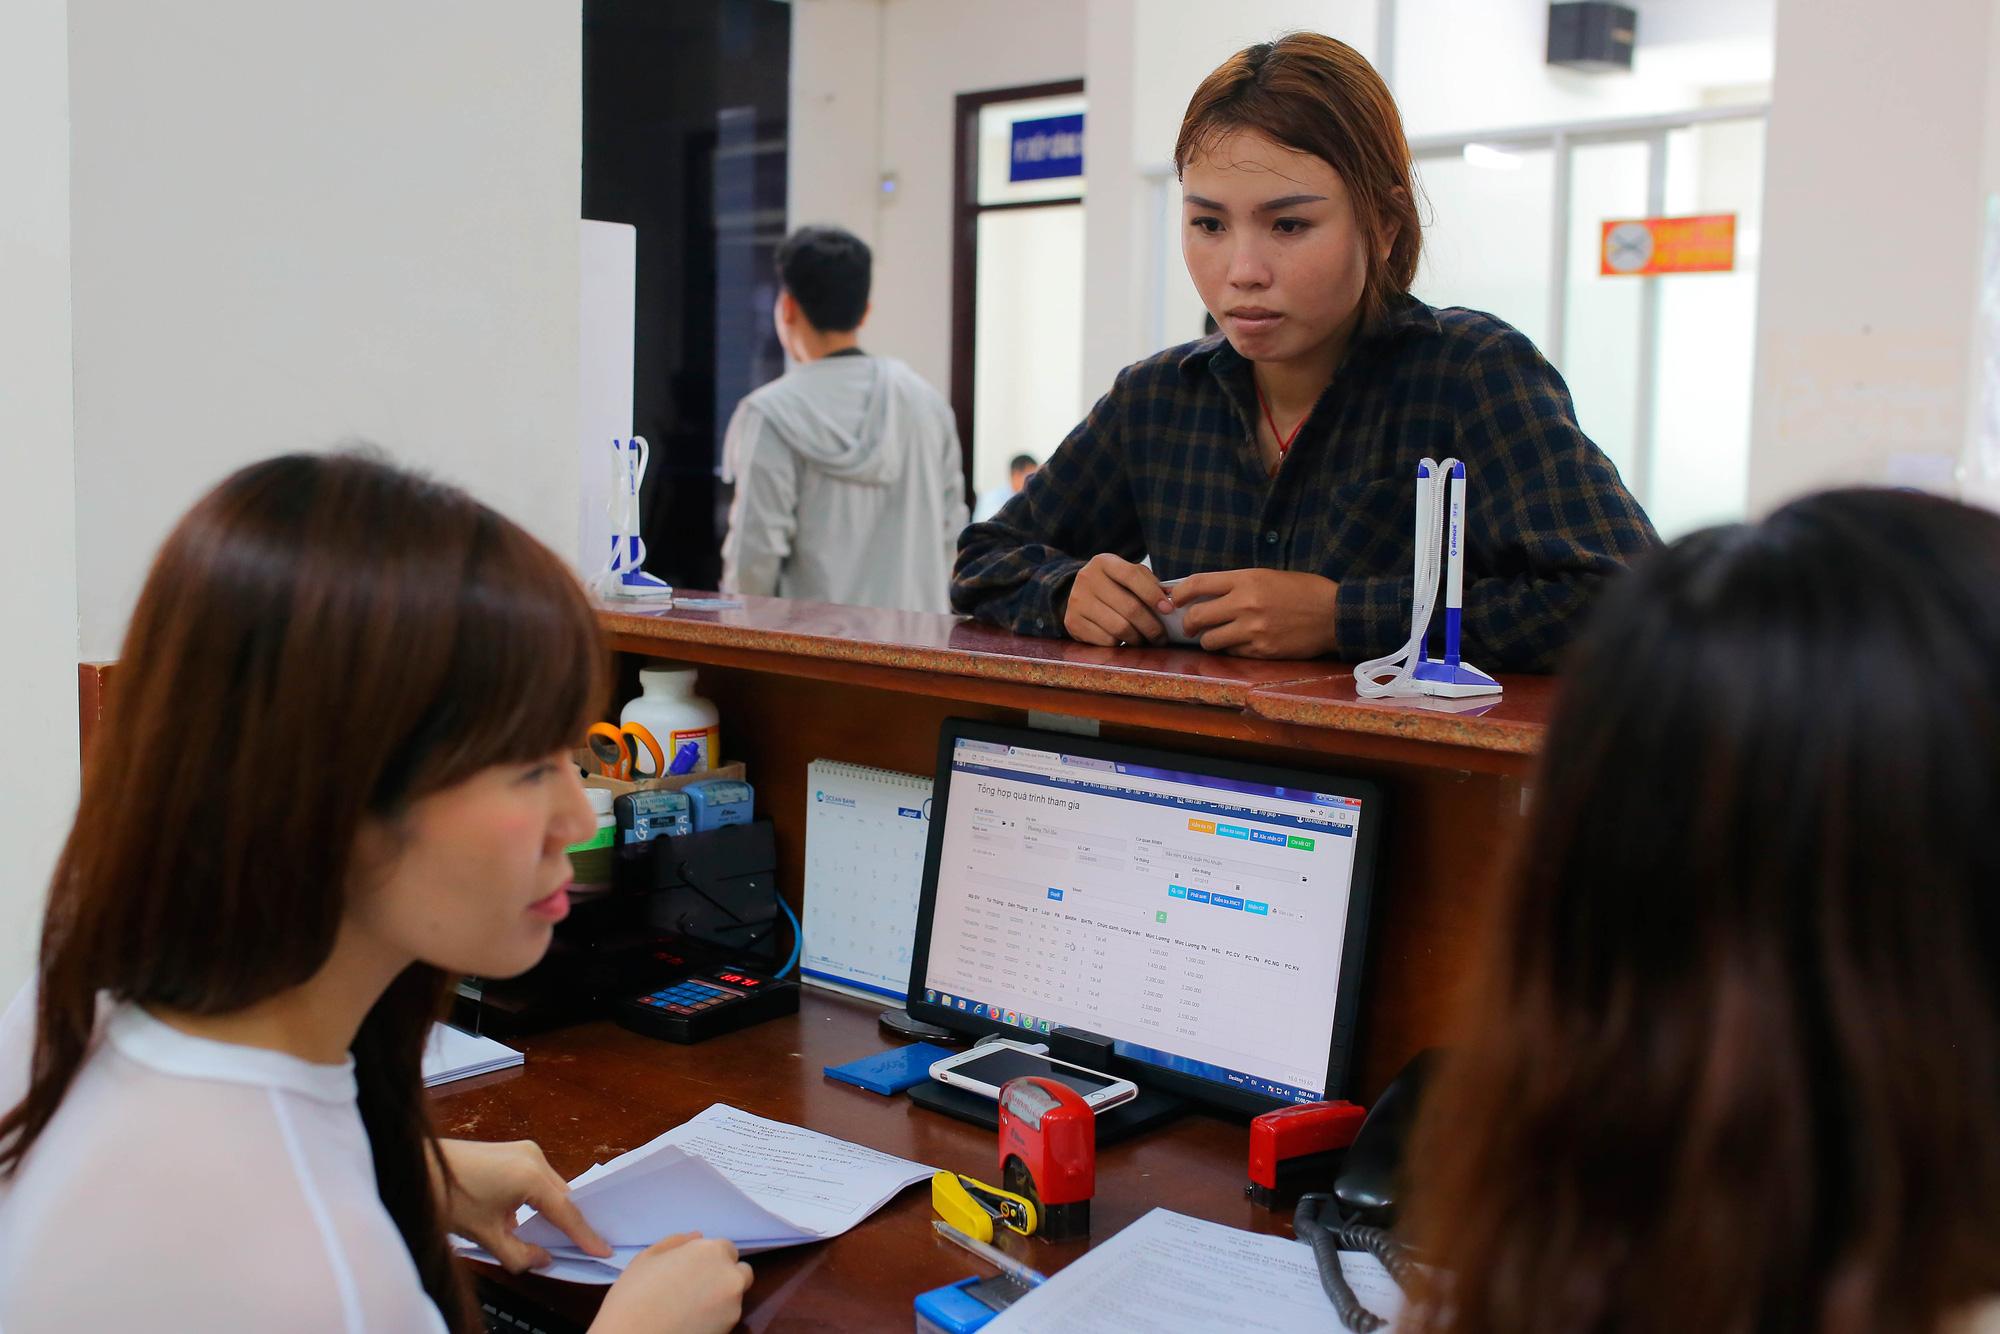 Người lao động nên đóng bảo hiểm xã hội như thế nào để được lợi nhất khi làm việc tự do? - Ảnh 3.